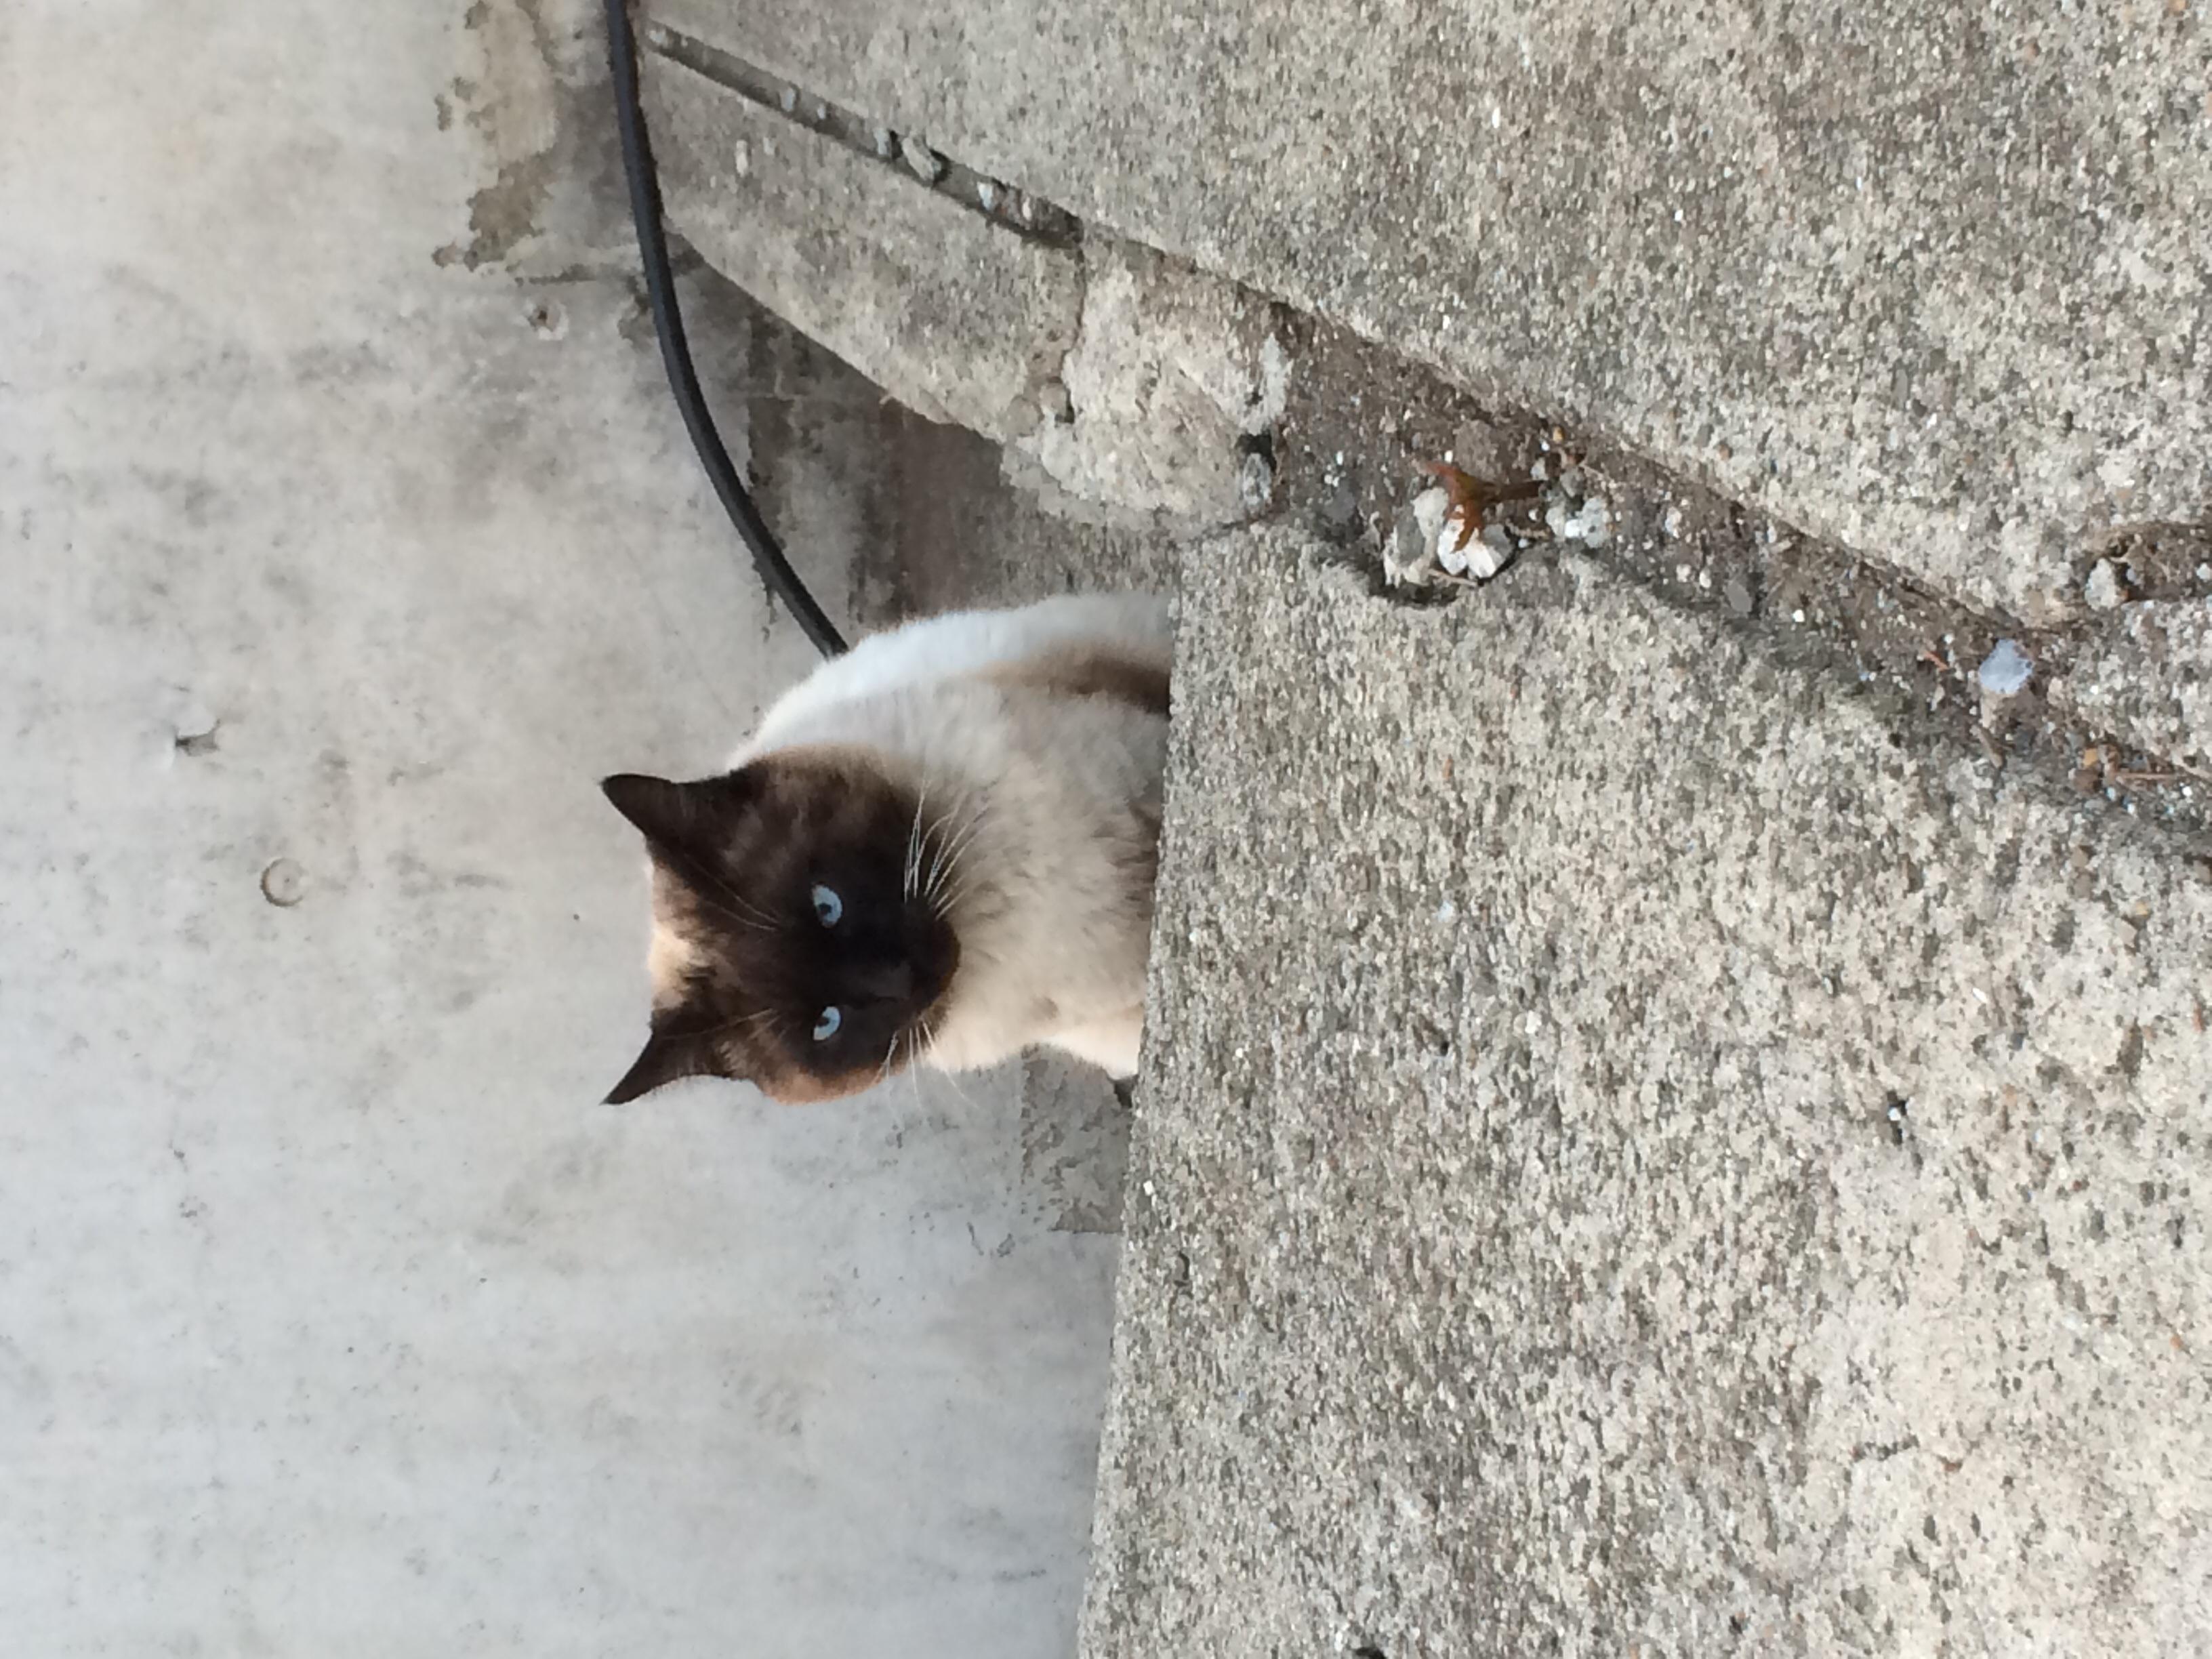 最近、近所を巡回し始めたノラちゃん      タヌキみたいな猫でウワサになっているようです(^.^)